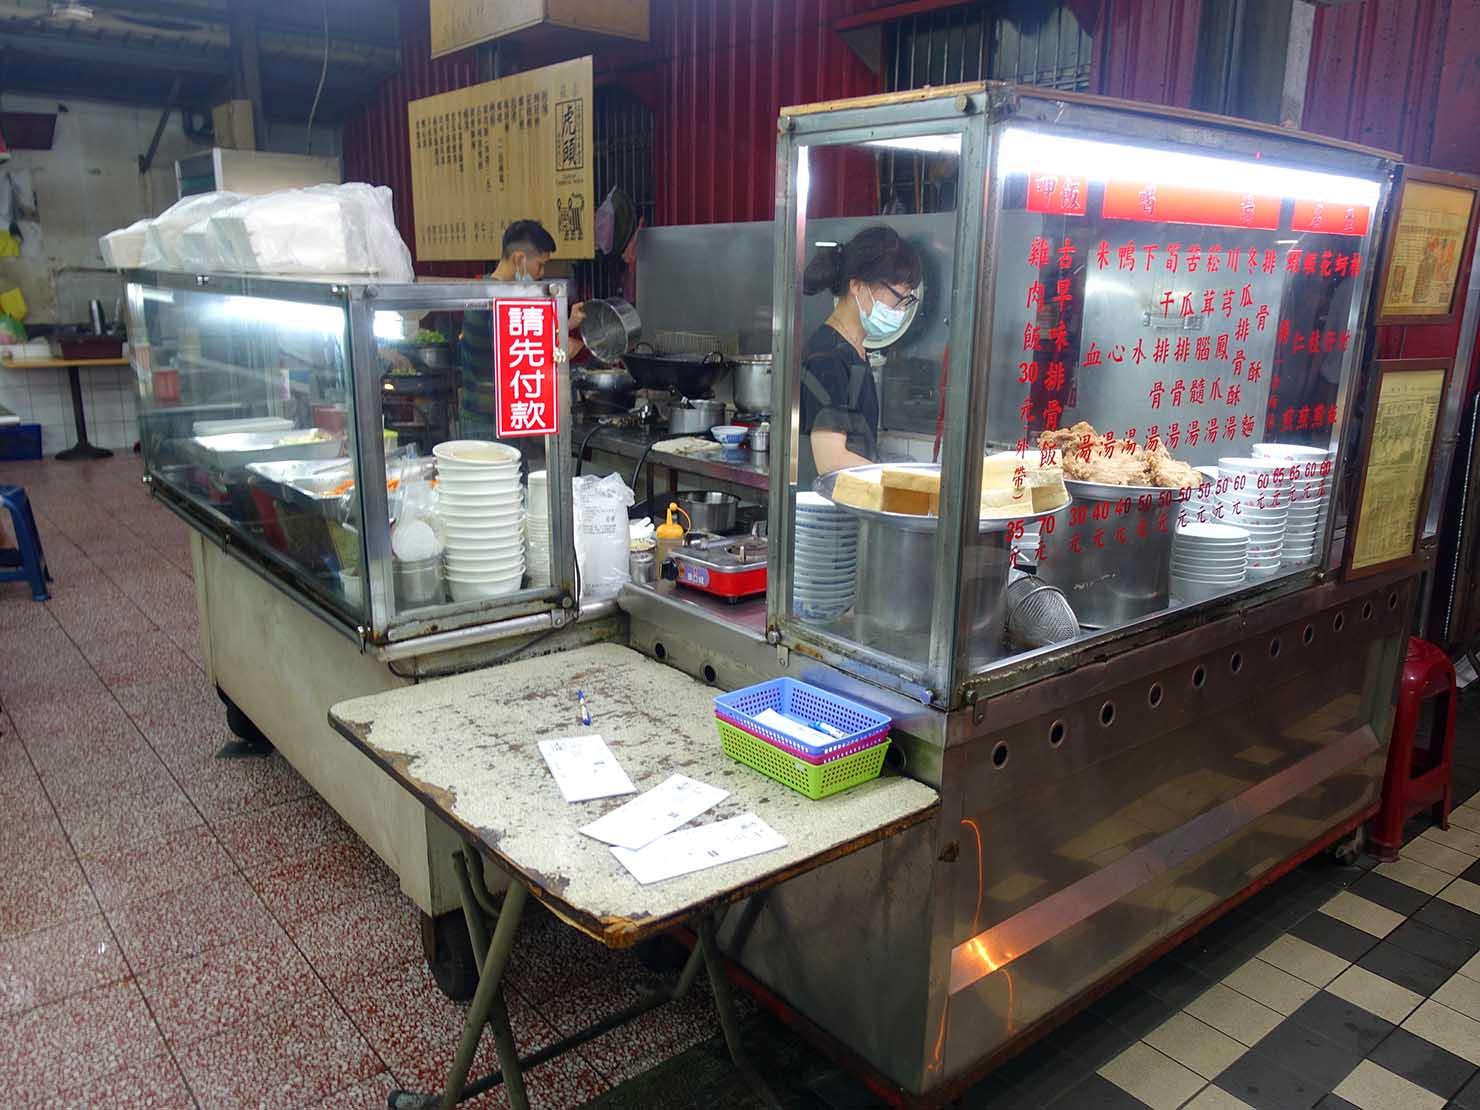 台南・赤崁樓周辺のおすすめグルメ店「虎頭府城風味小吃」のカウンター